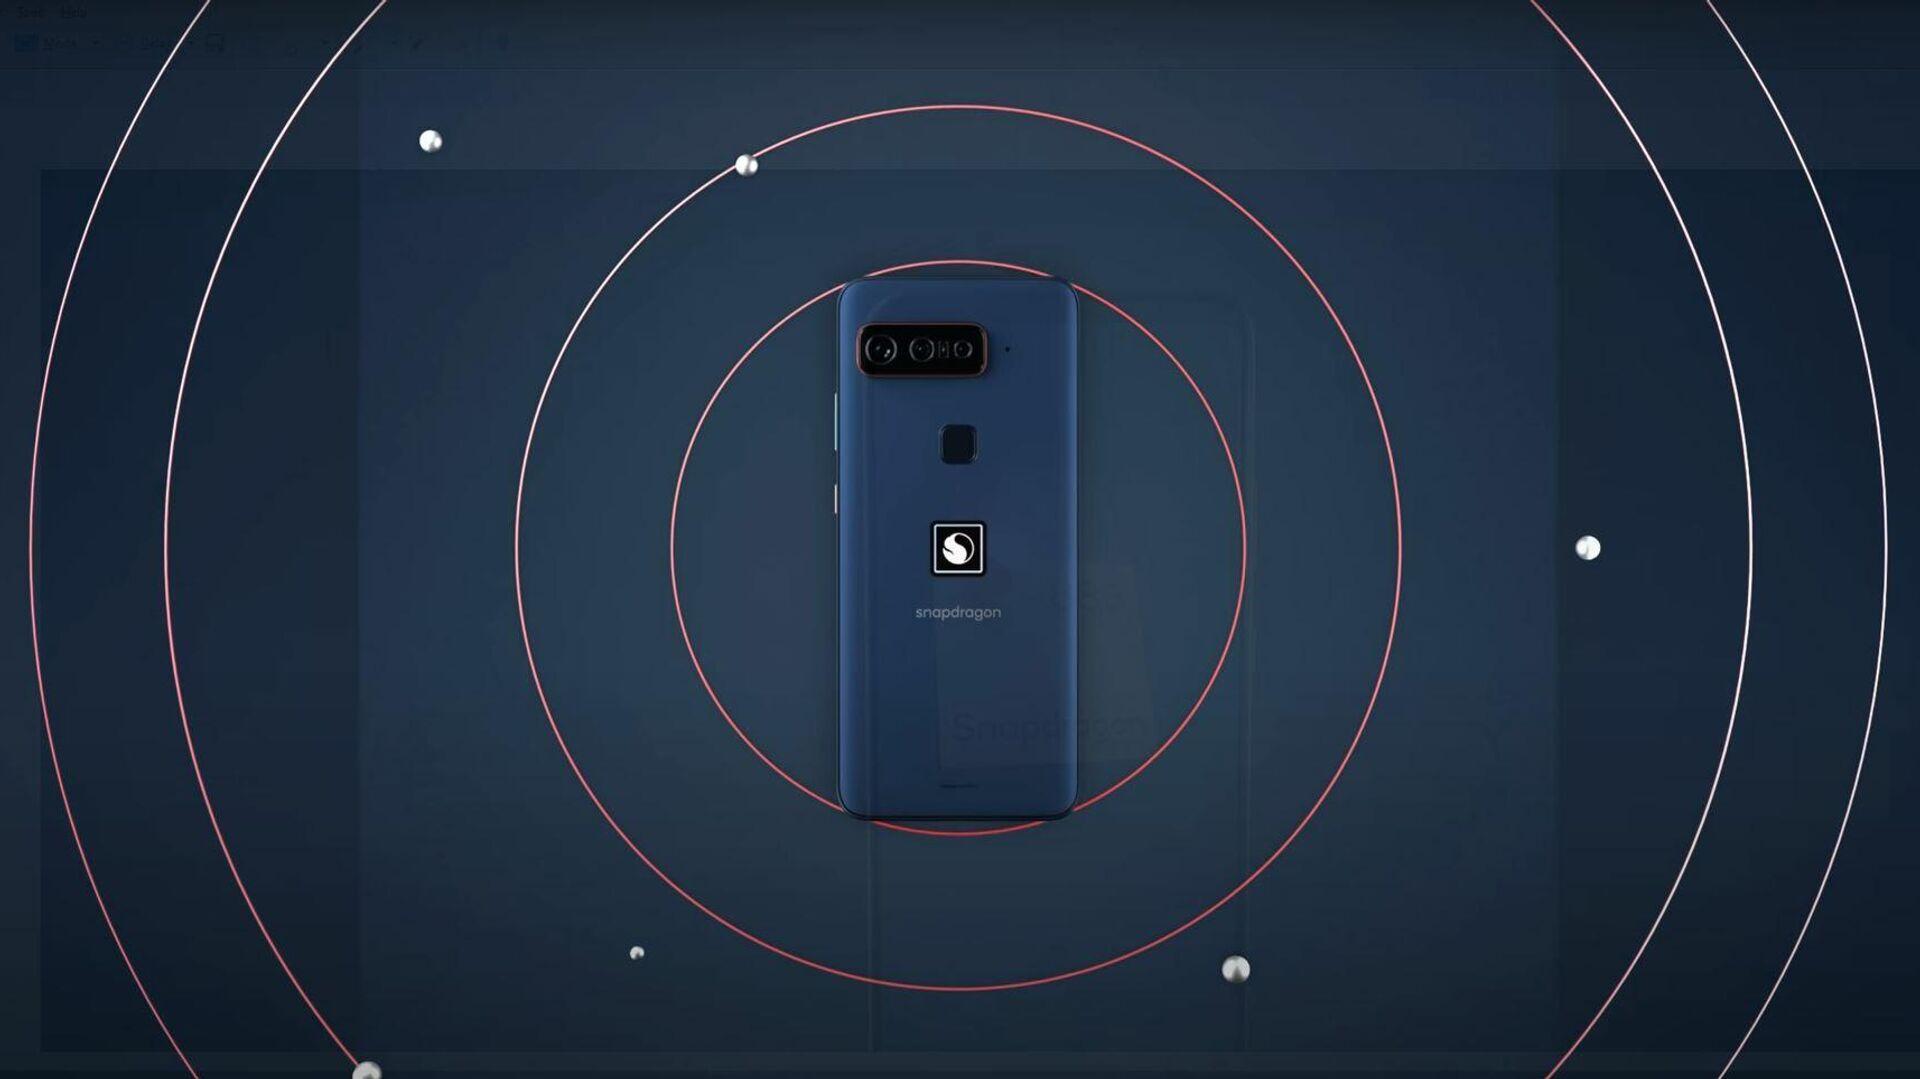 El Smartphone for Snapdragon Insiders de Qualcom  - Sputnik Mundo, 1920, 11.07.2021